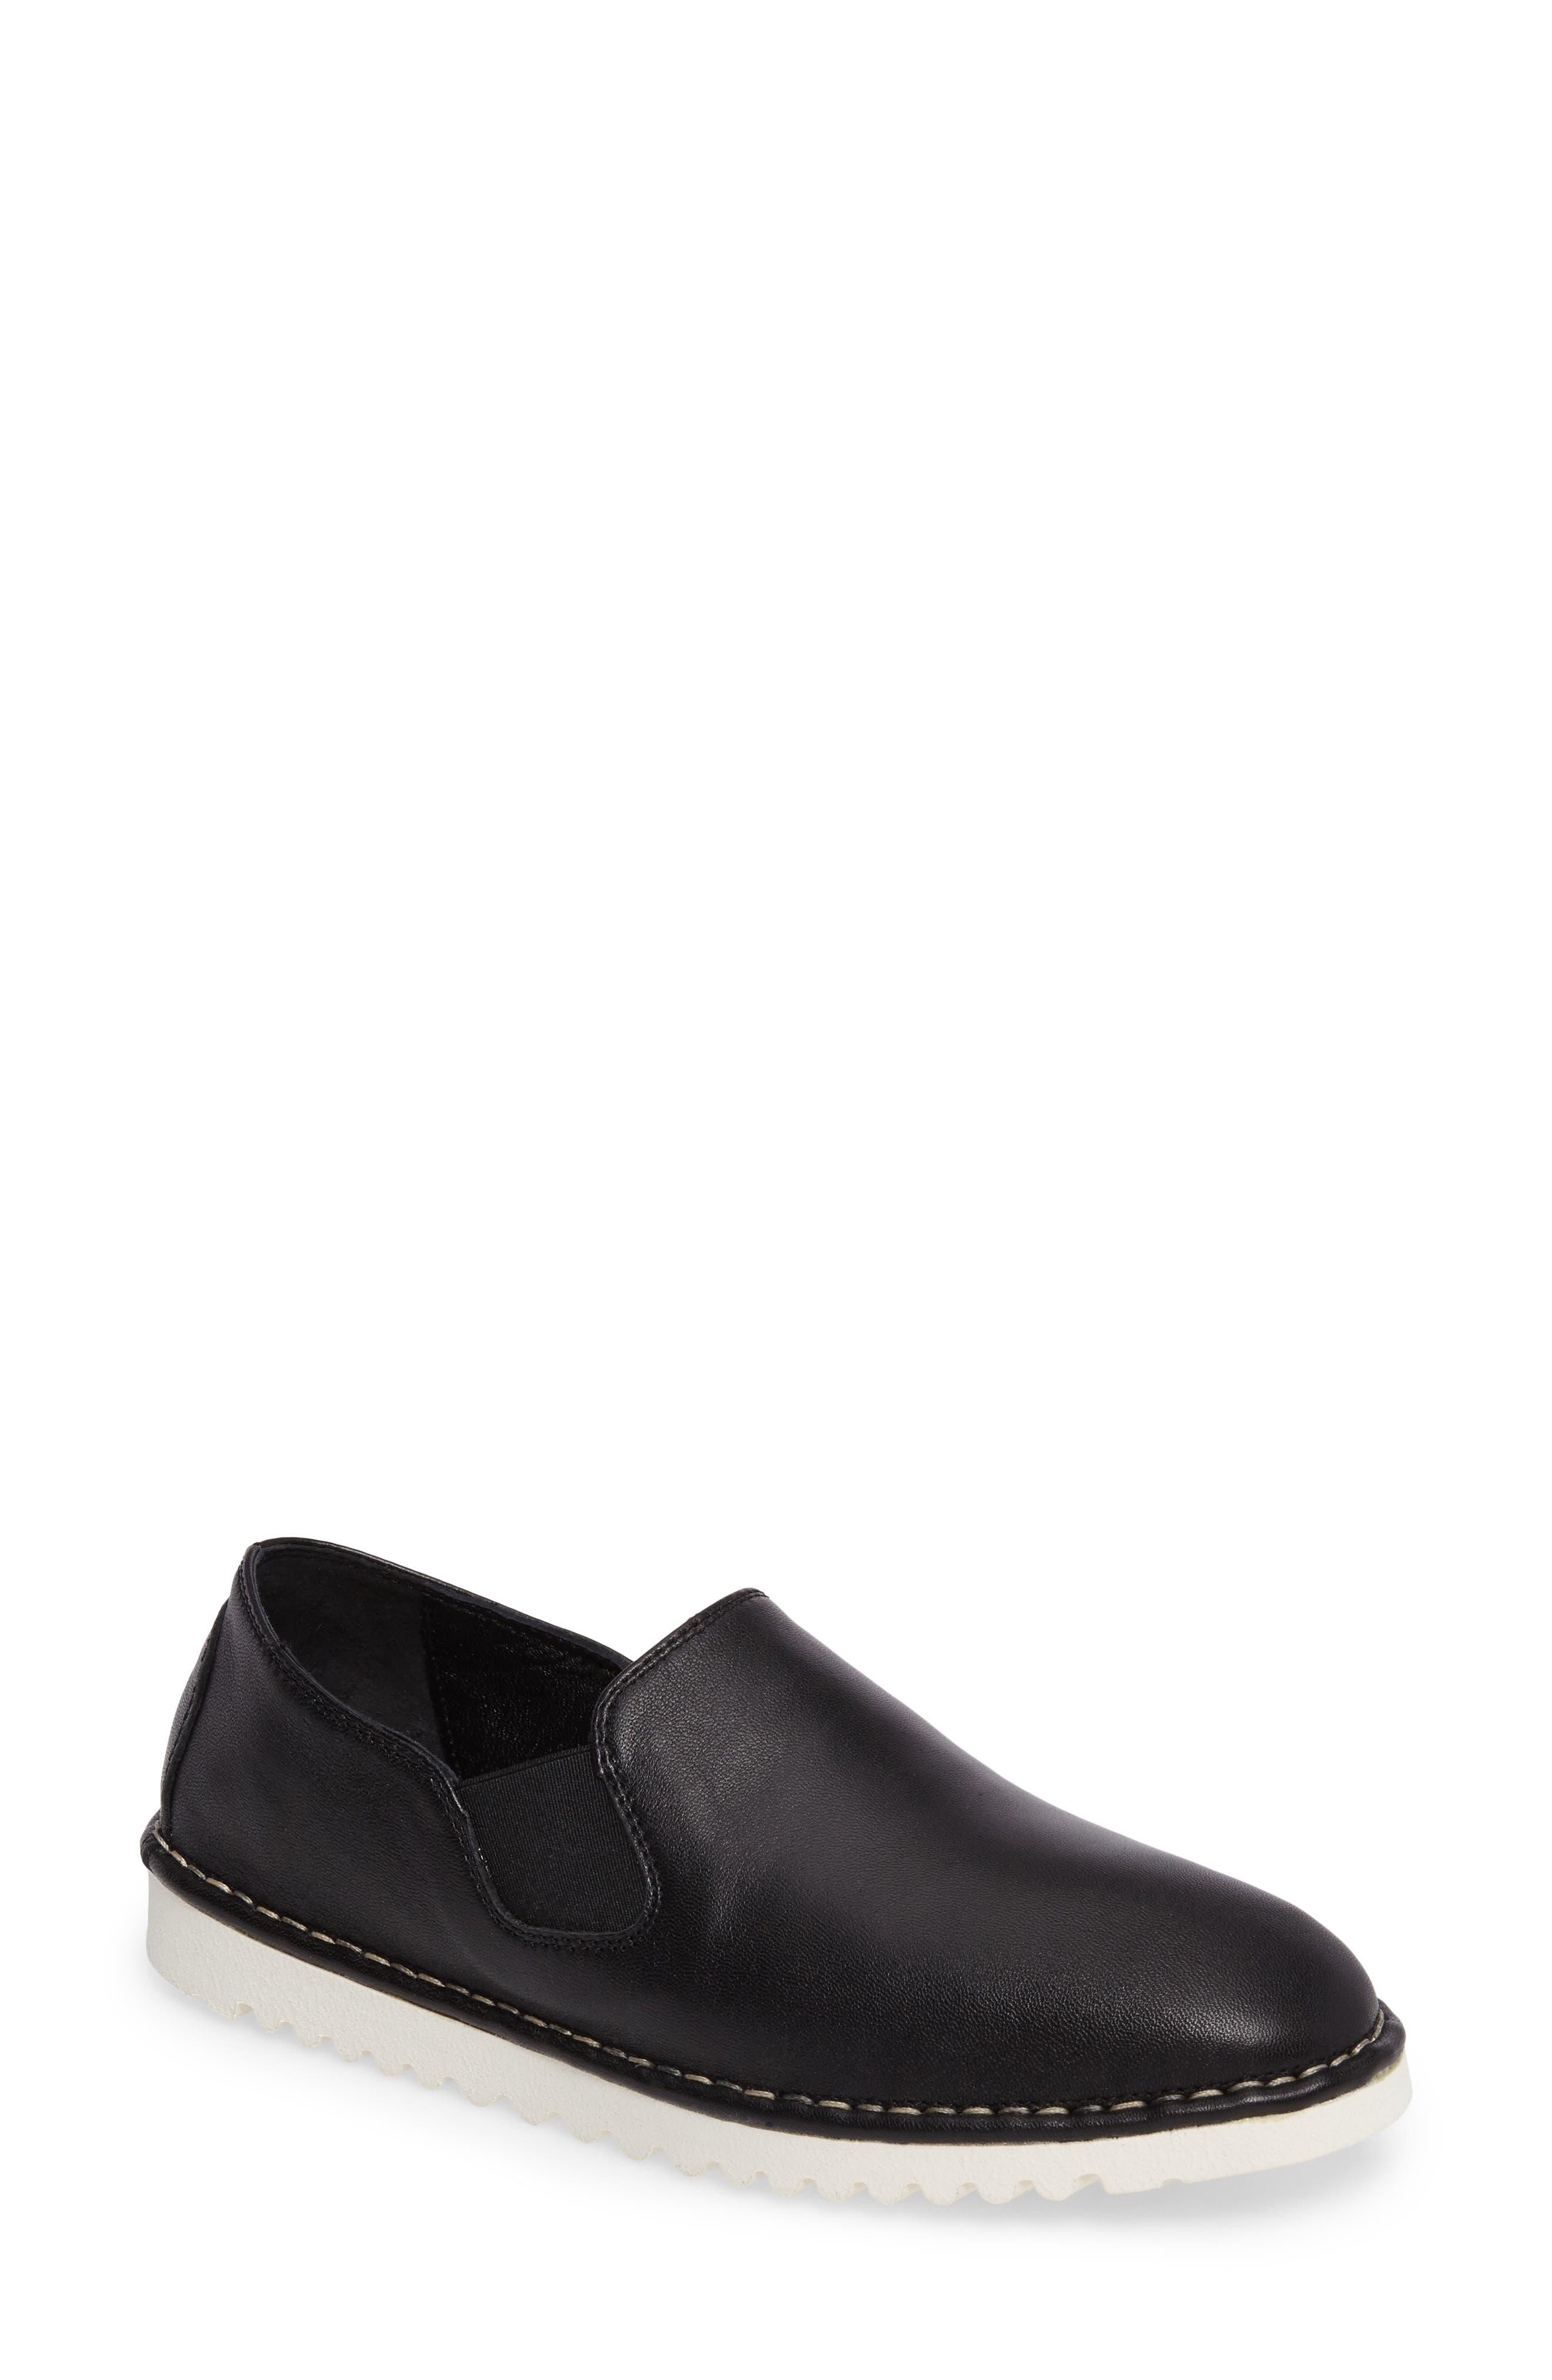 SESTO MEUCCI Oralie Slip-On Sneaker, Main, color, 001